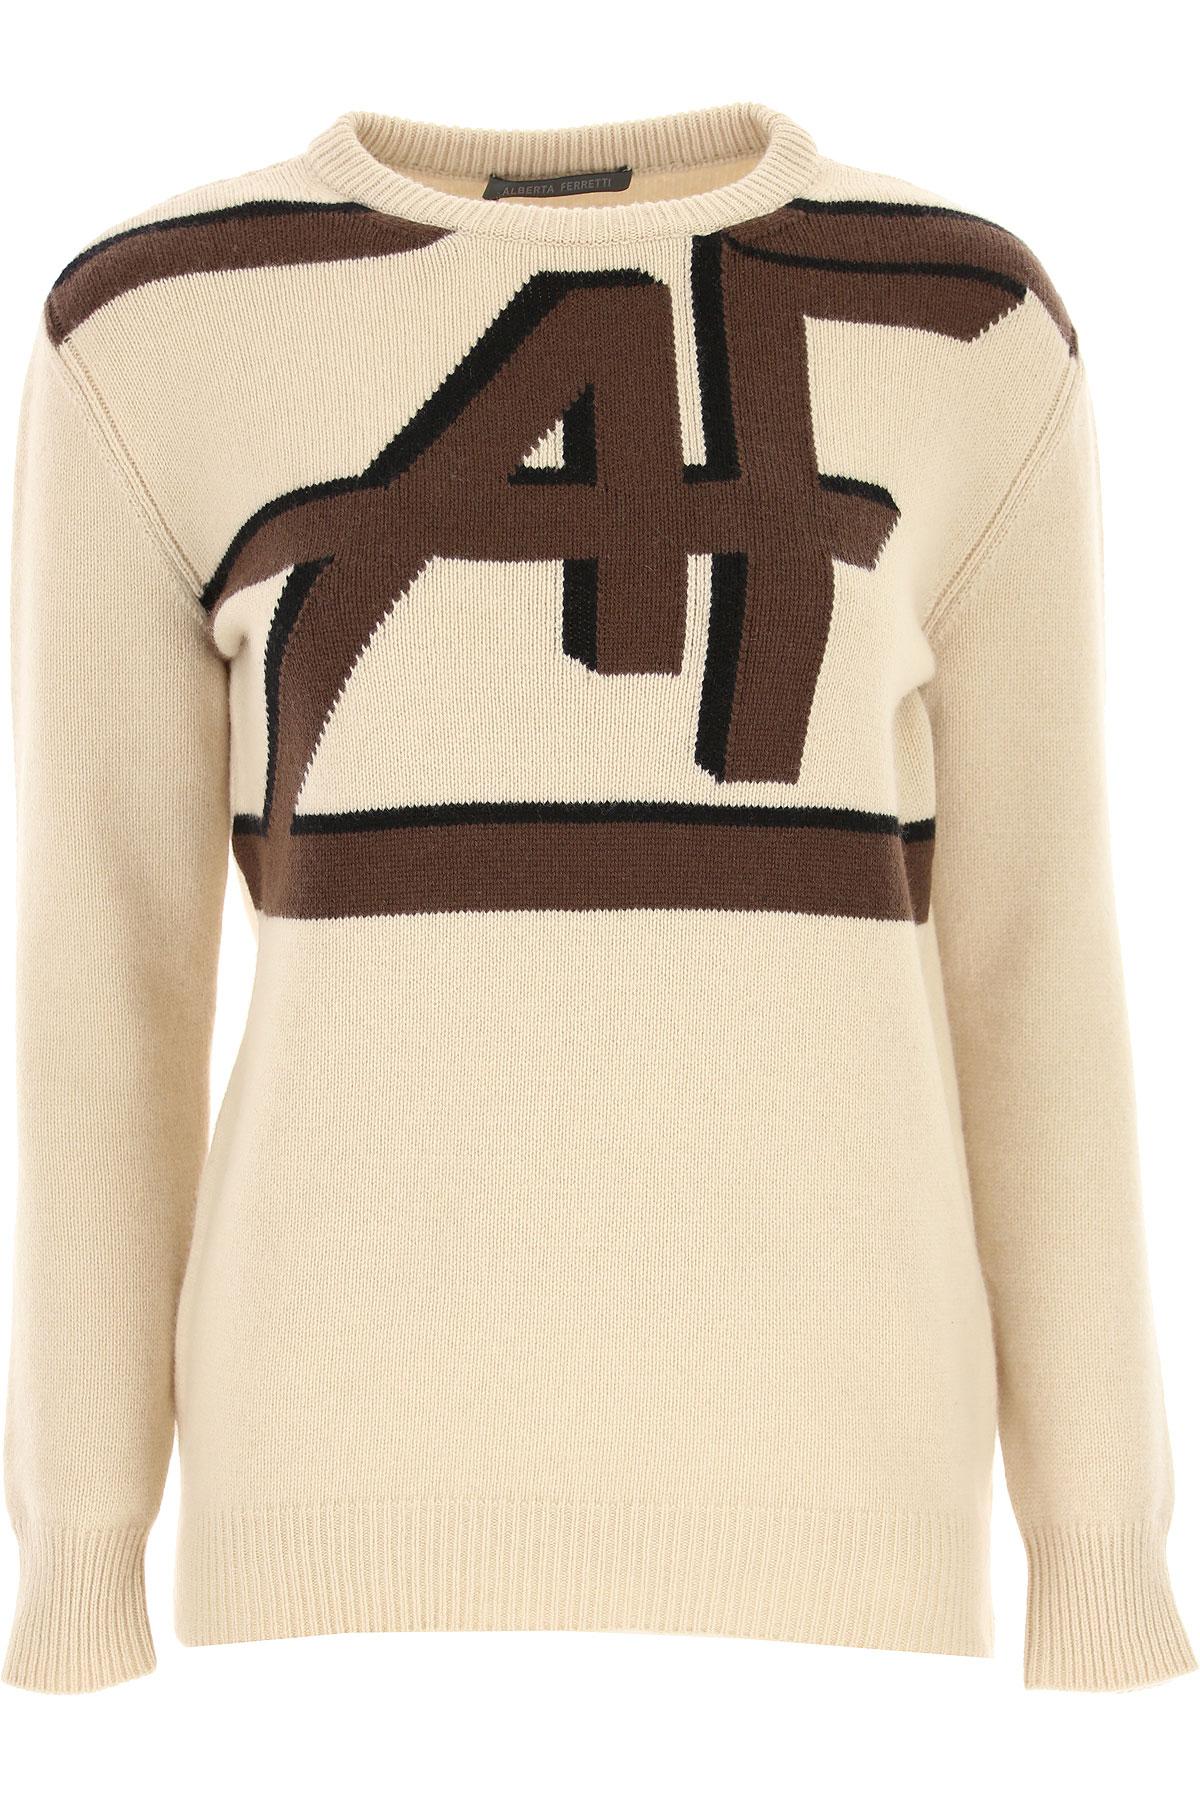 Alberta Ferretti Sweater for Women Jumper, Beige, Virgin wool, 2019, 4 6